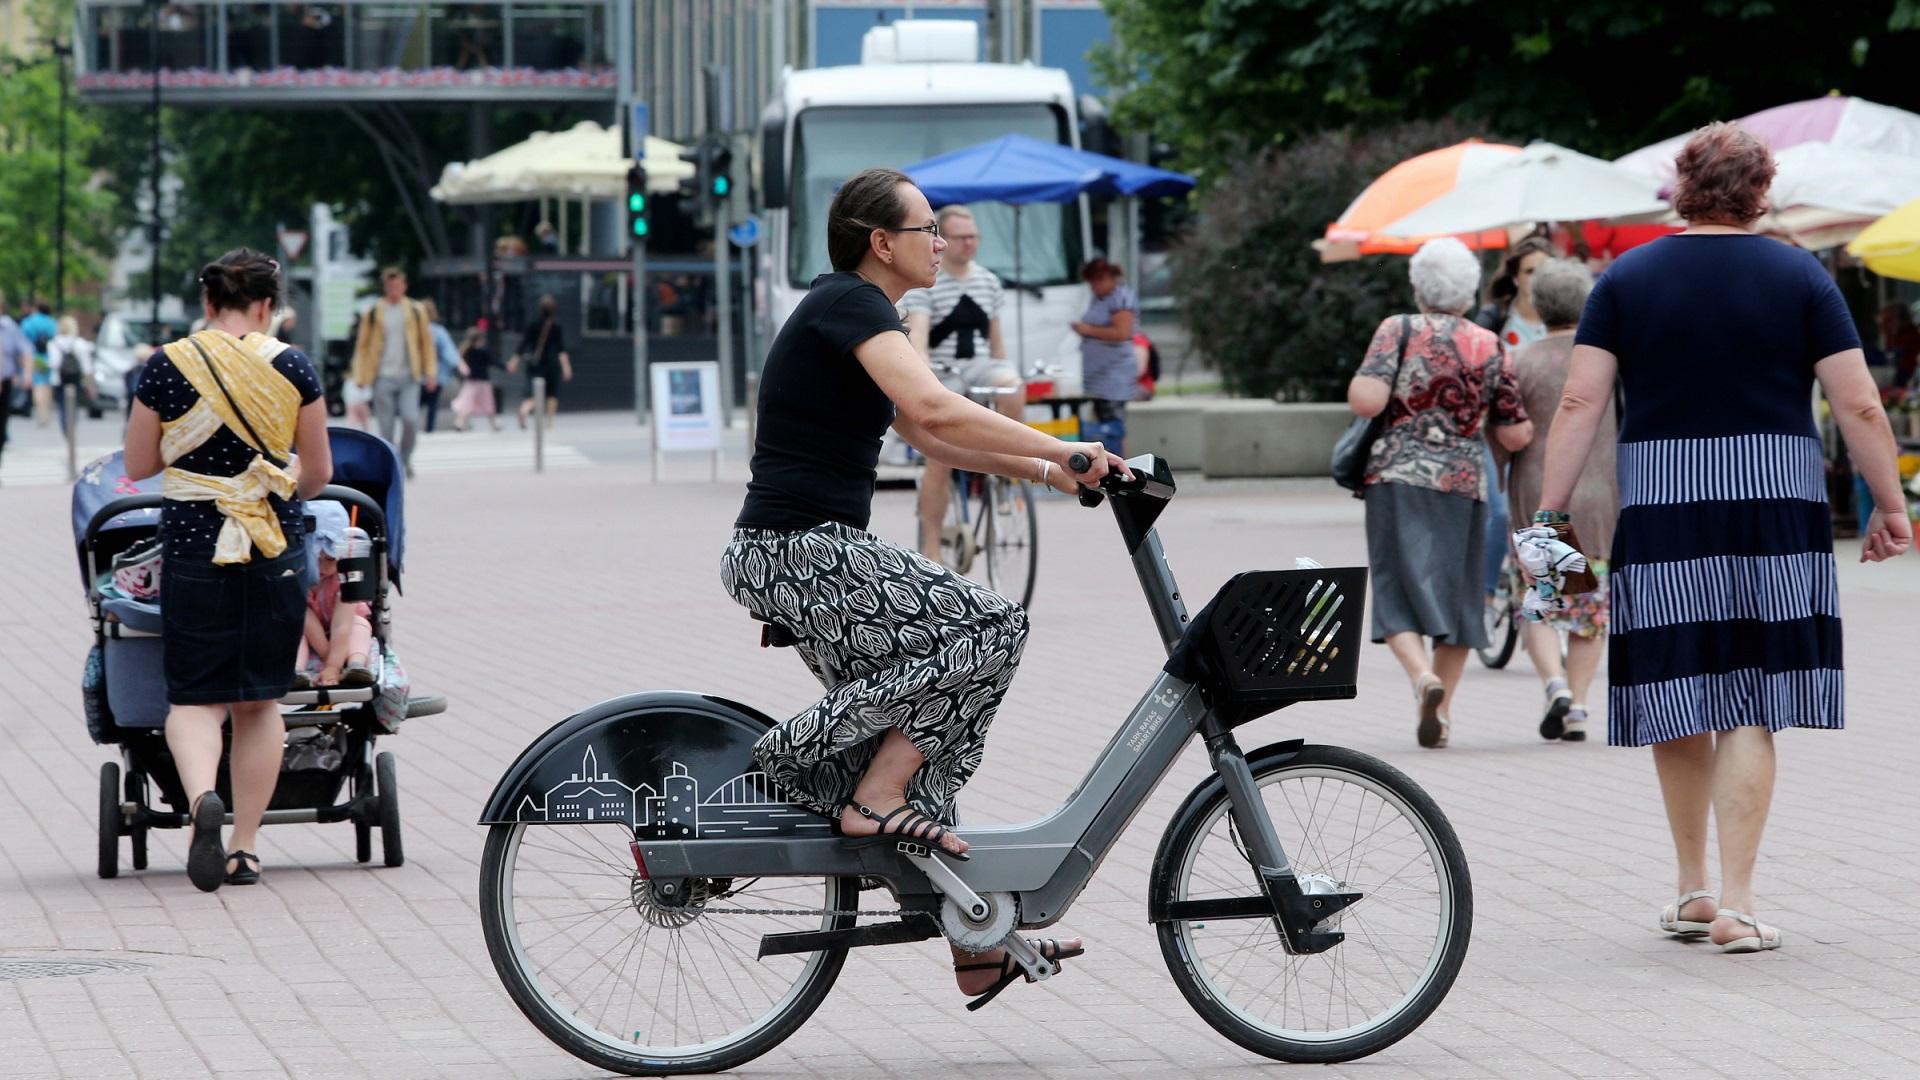 Tagajärg käes: rattaringlus jääbki öötundideks lukku ja lohakaid kasutajaid ootab rahaline nõue